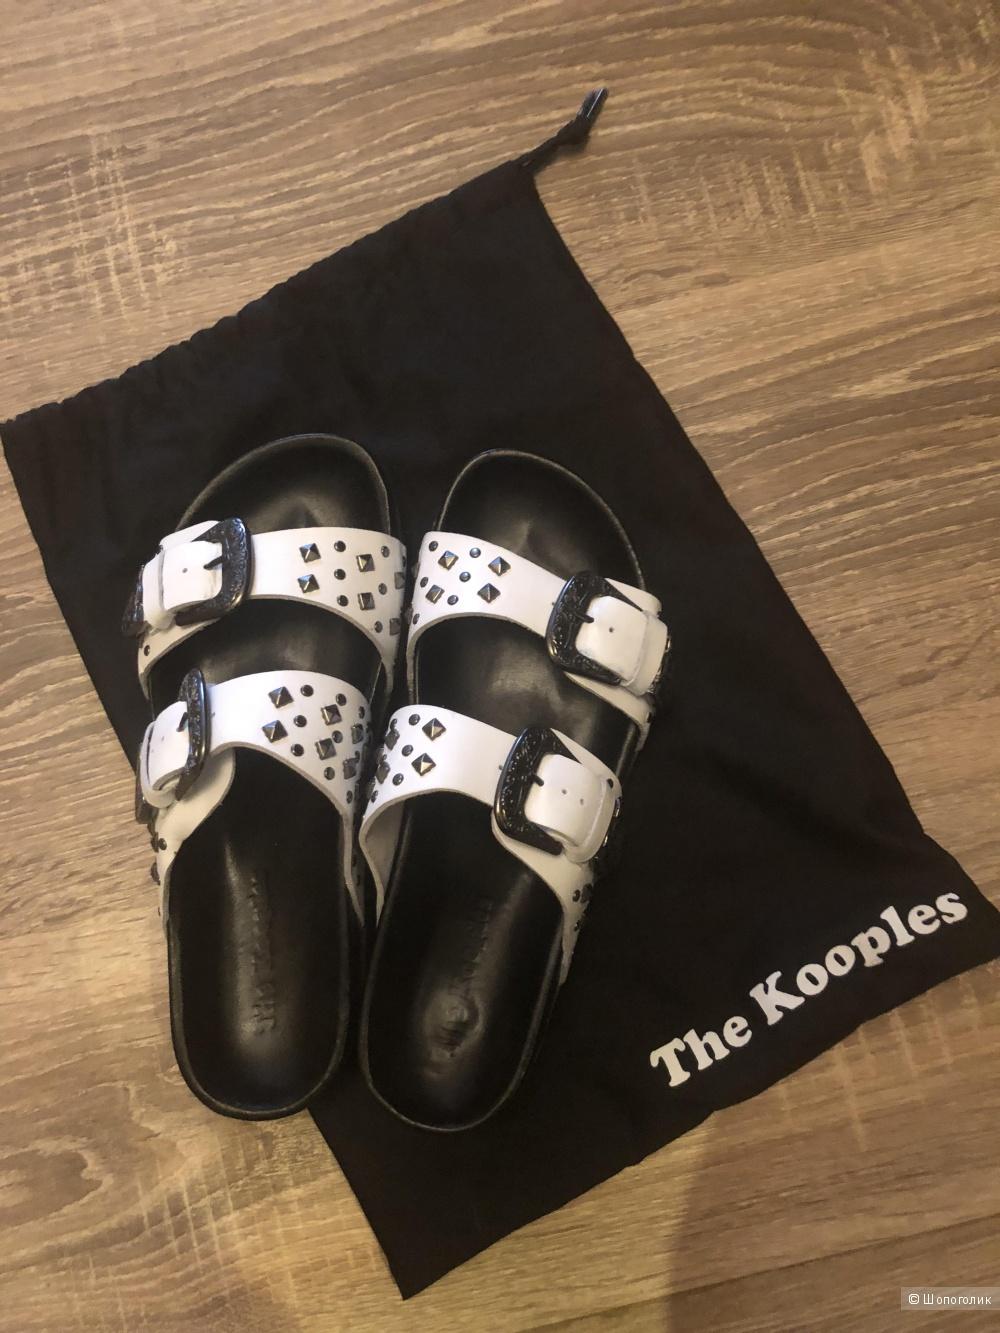 Шлёпанцы The kooples размер 39(38)